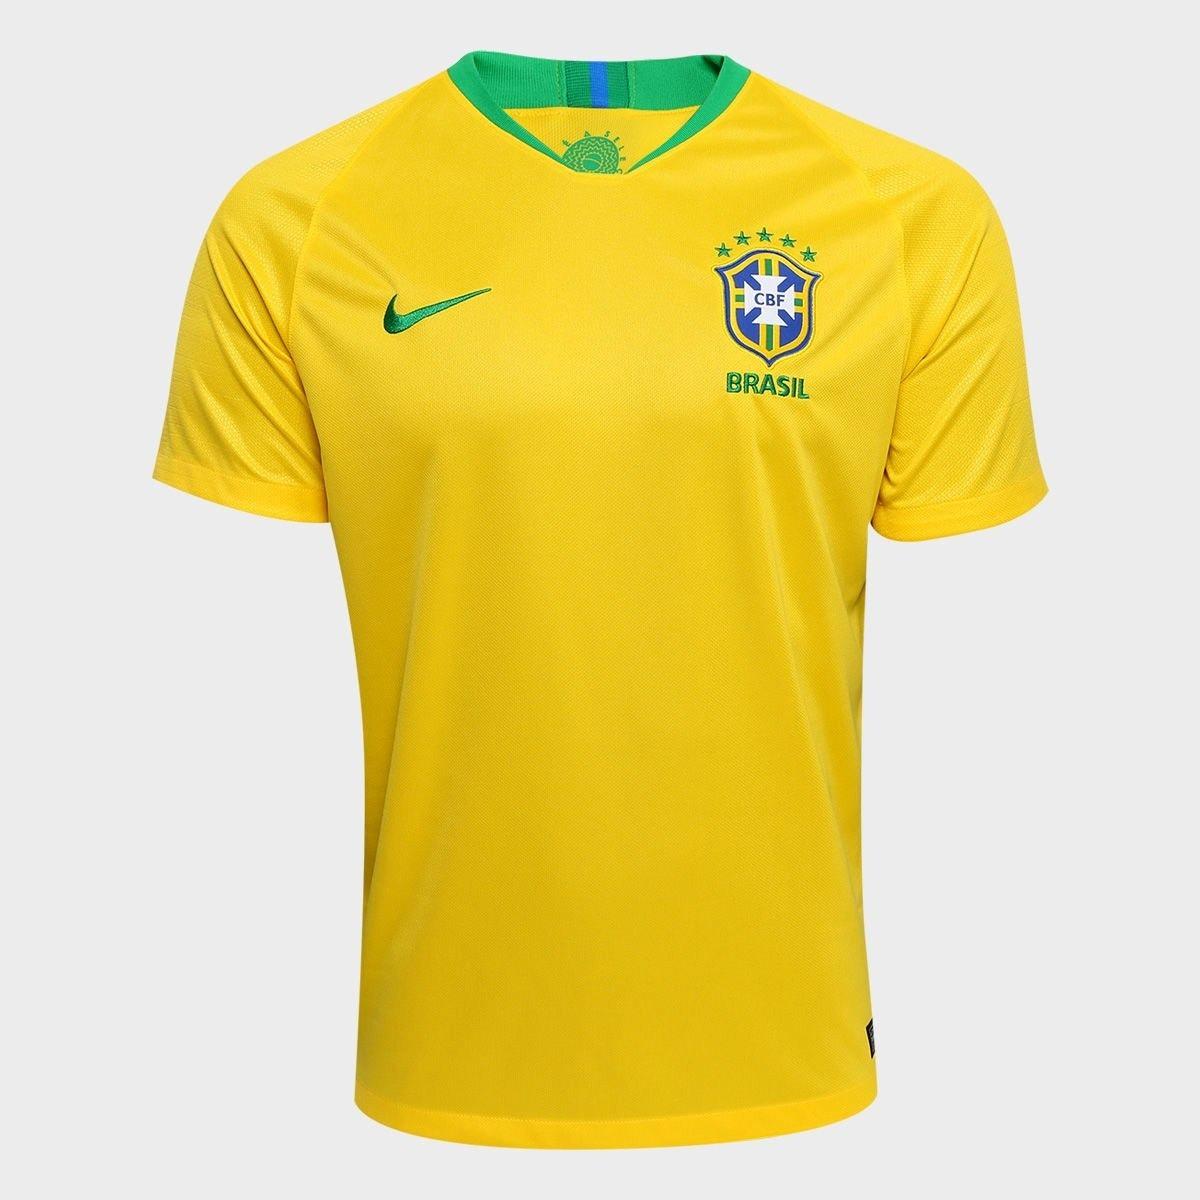 33d93c7d31 camisa blusa amarela futebol seleção brasil 2018 adulto. Carregando zoom.